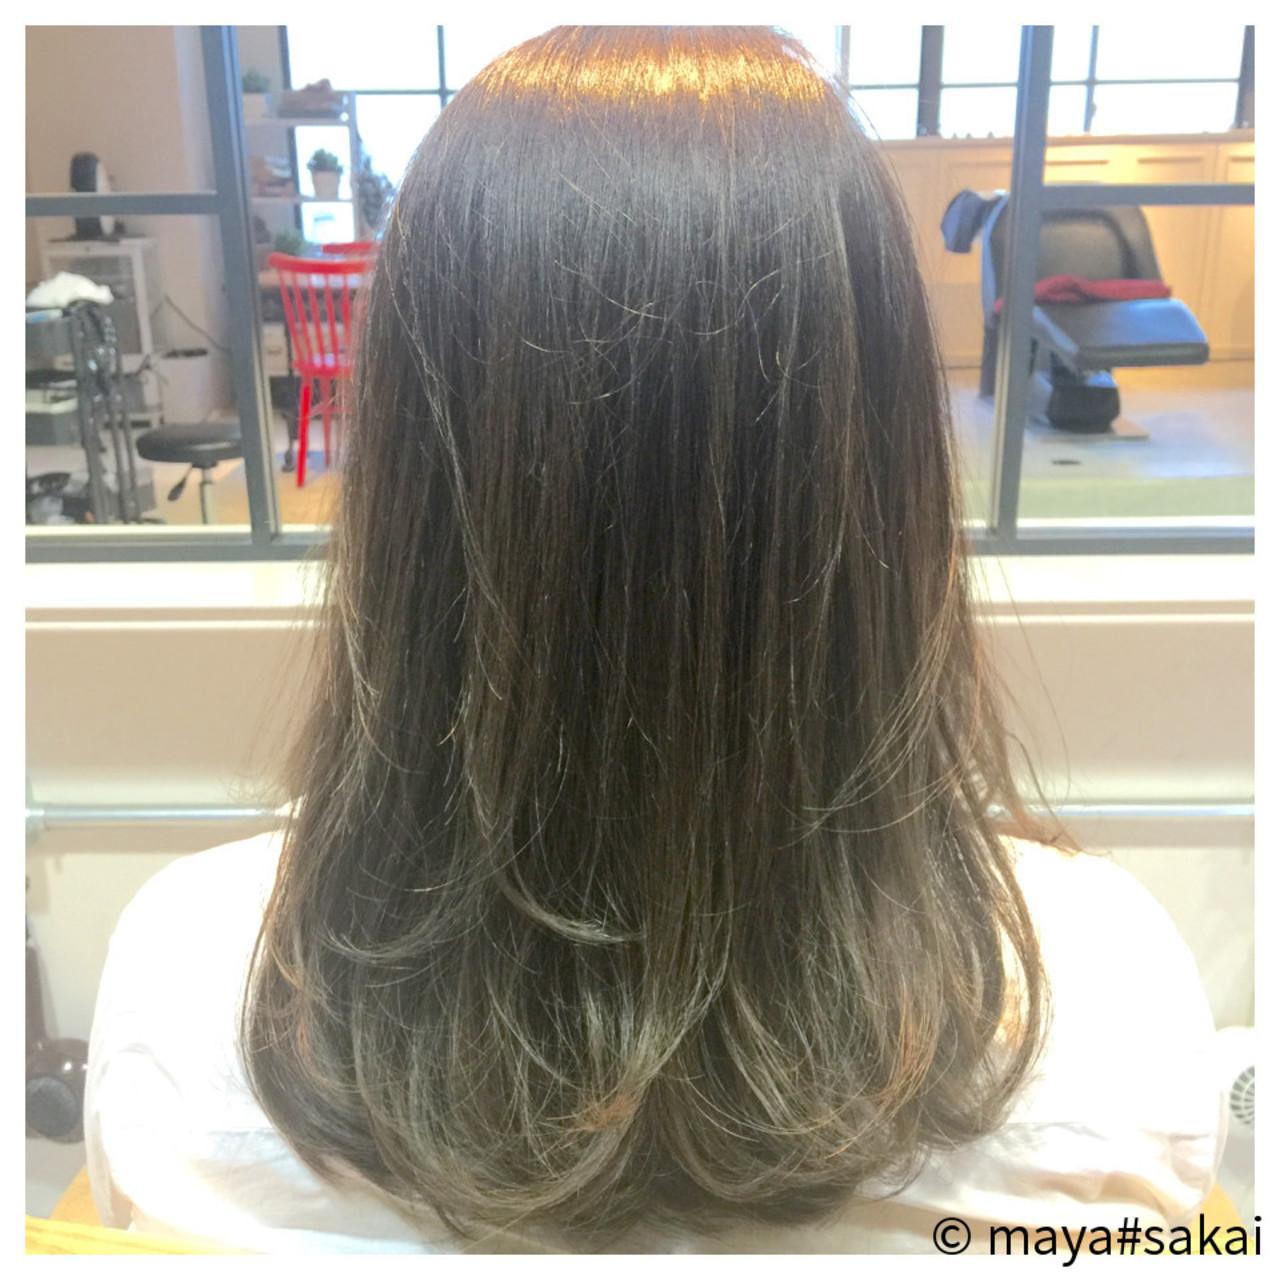 レイヤーカット ストリート セミロング ブリーチ ヘアスタイルや髪型の写真・画像